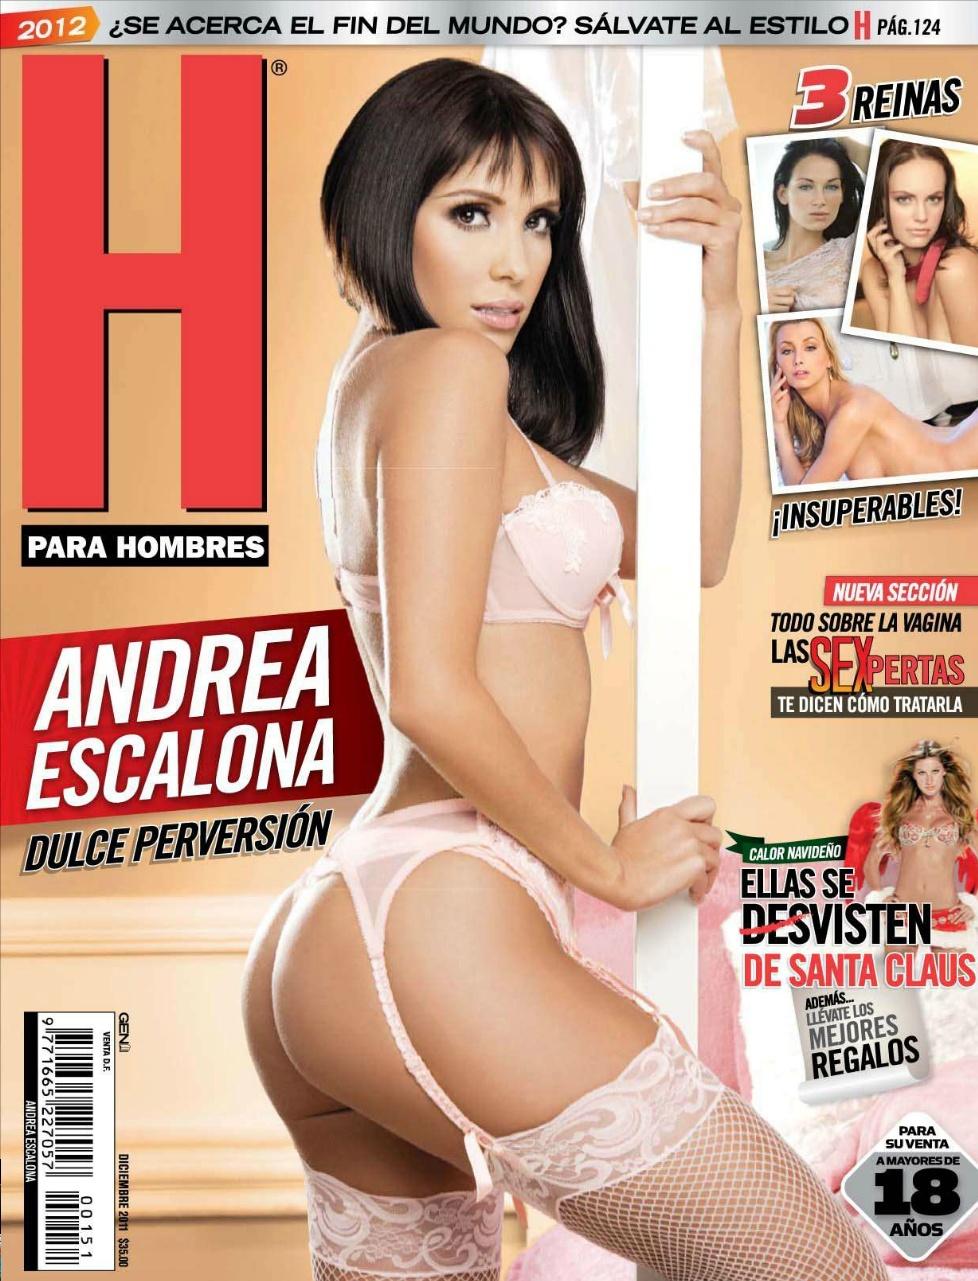 Culos Desnudos de Mujeres - FOTOS PORNO XXX CHICAS DESNUDAS